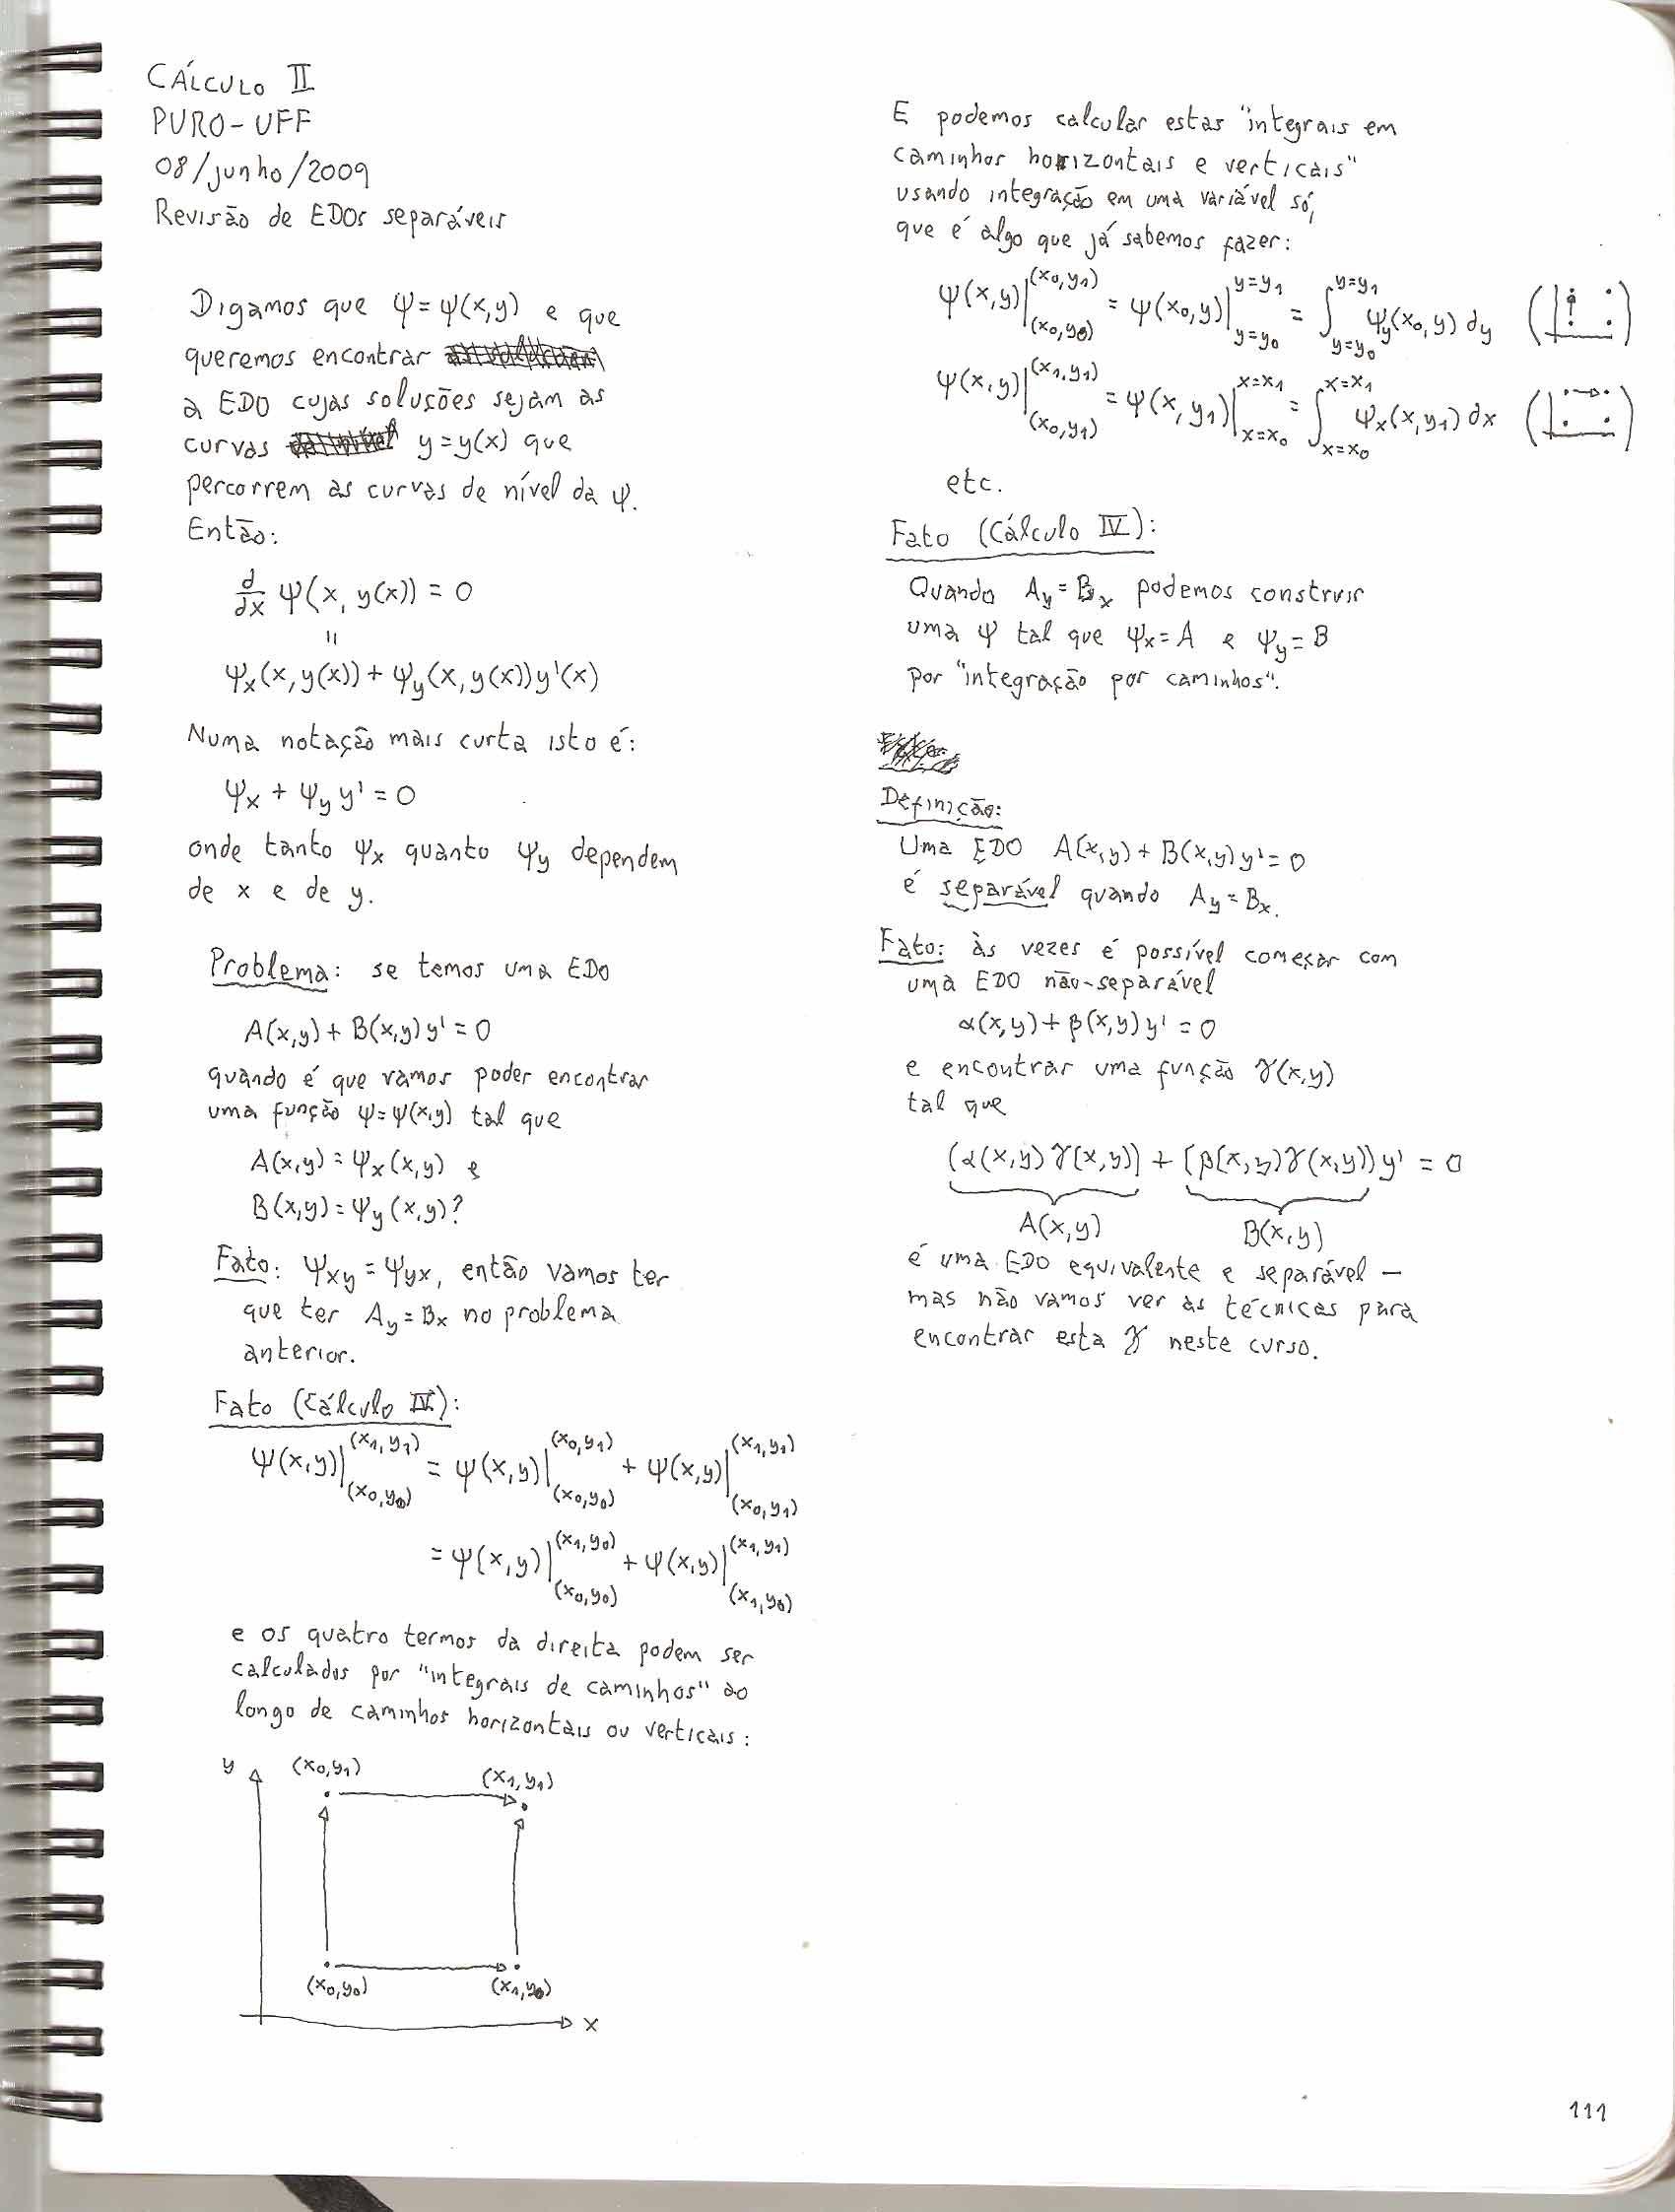 Calendário 2019 Pdf Download Mejores Y Más Novedosos E Puro E Ized Of Calendário 2019 Pdf Download Más Reciente Hemavet Manual Ebook